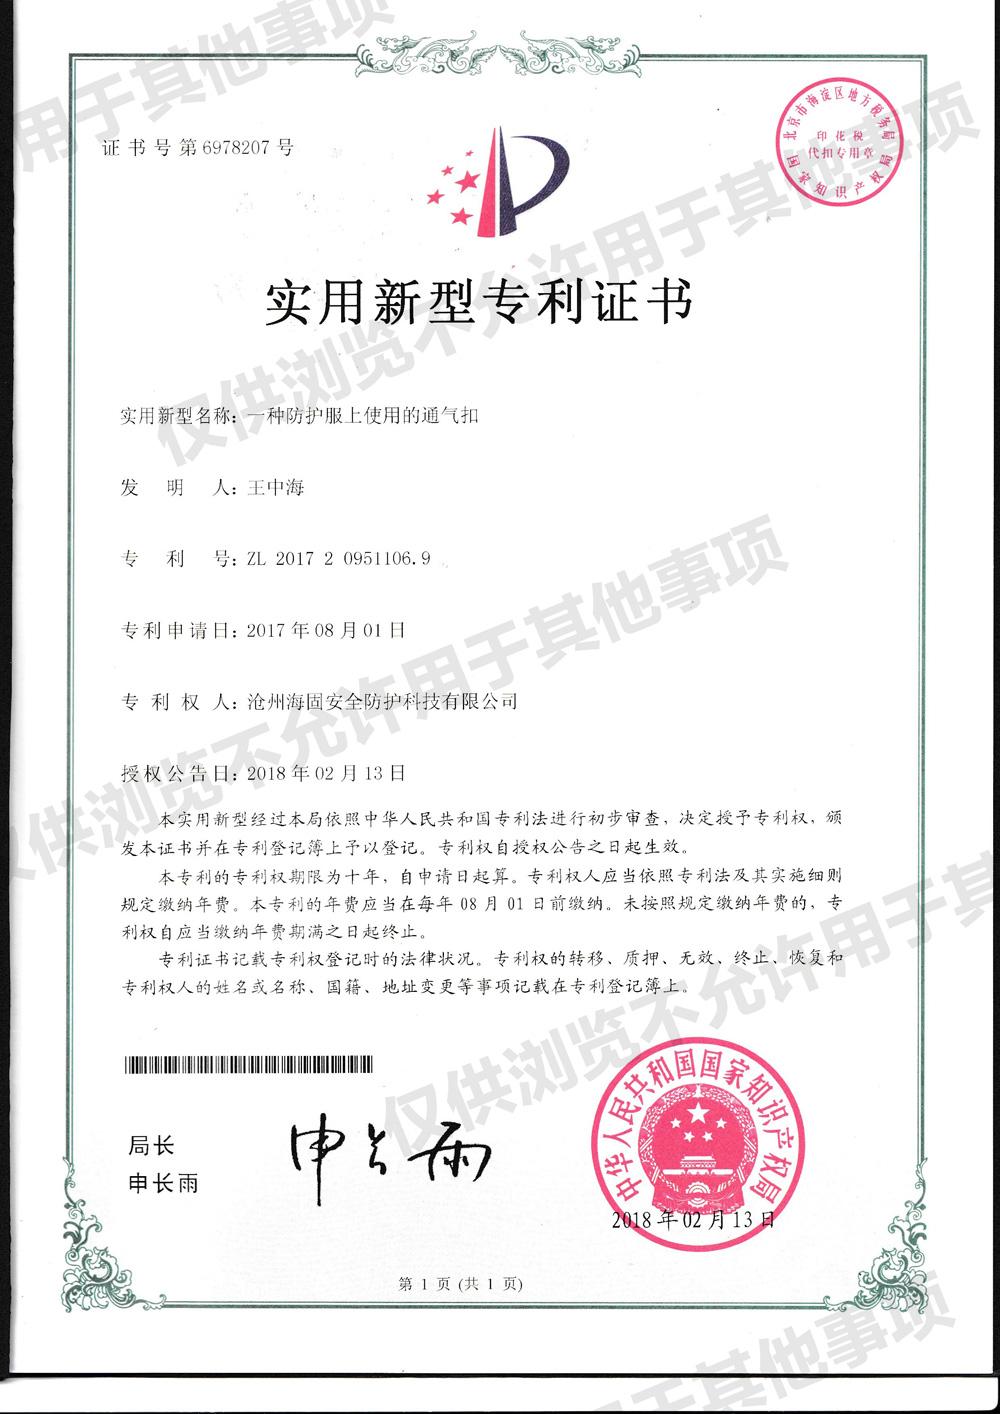 http://www.czhaigu.com/uploads/zizhi/zhuanlizhengshu/5.jpg